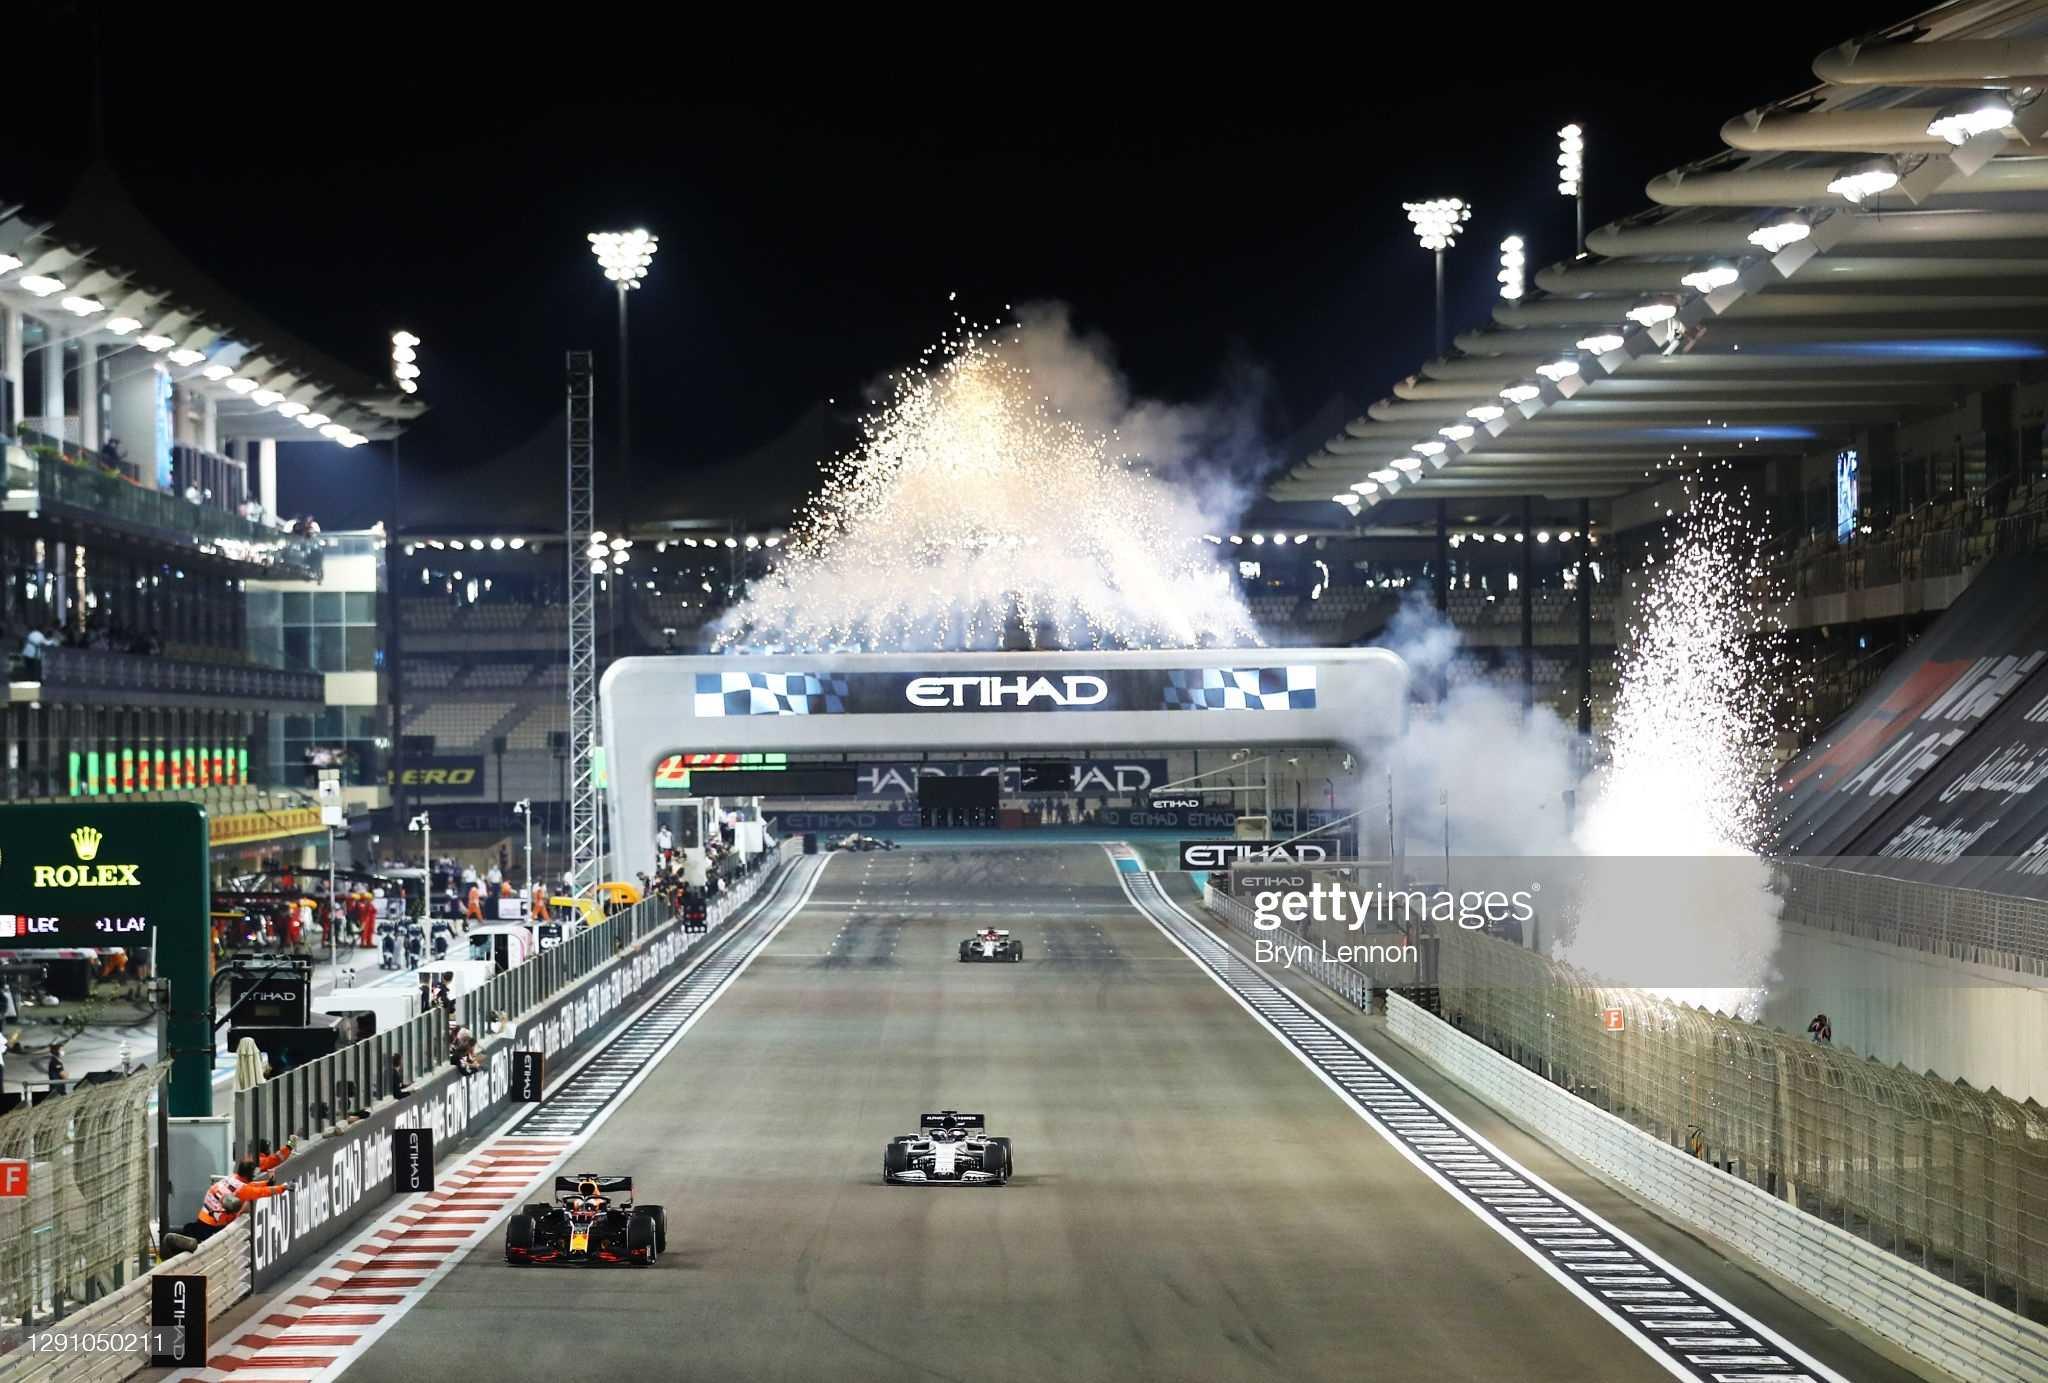 F1, Abu Dhabi, (Photo by Bryn Lennon/Getty Images)